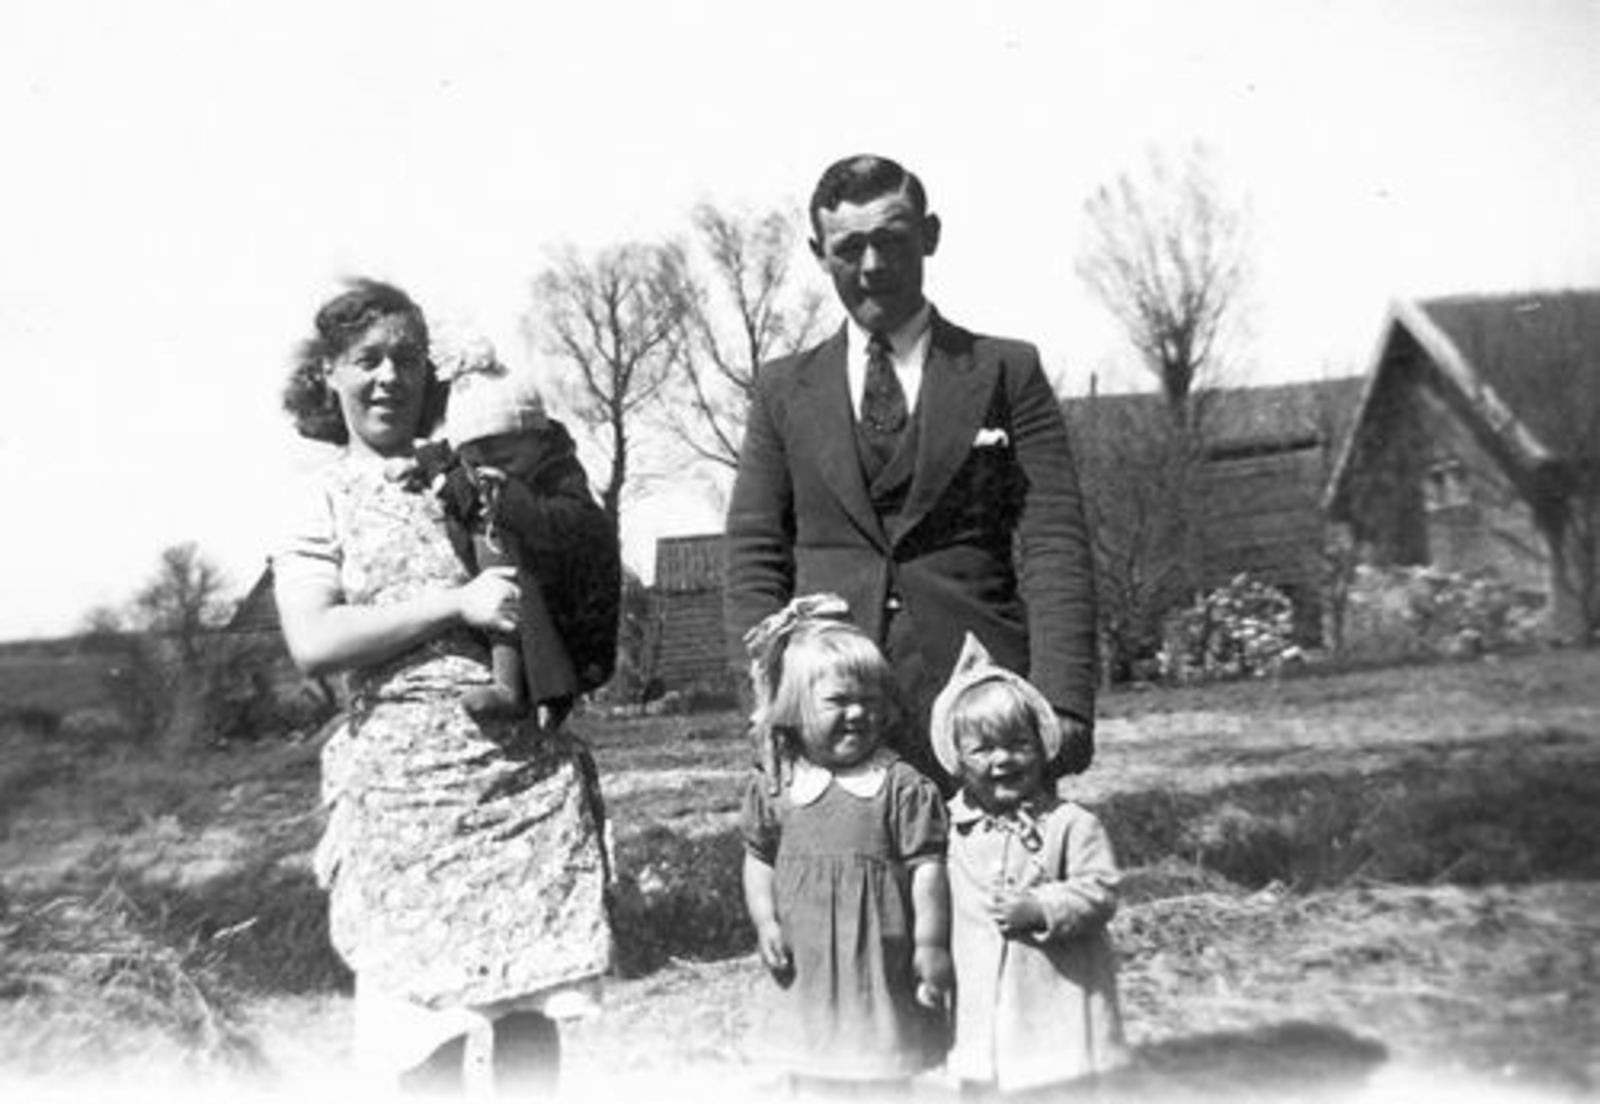 Bliek Toon 1914 1941 met Gezin op Erf 02